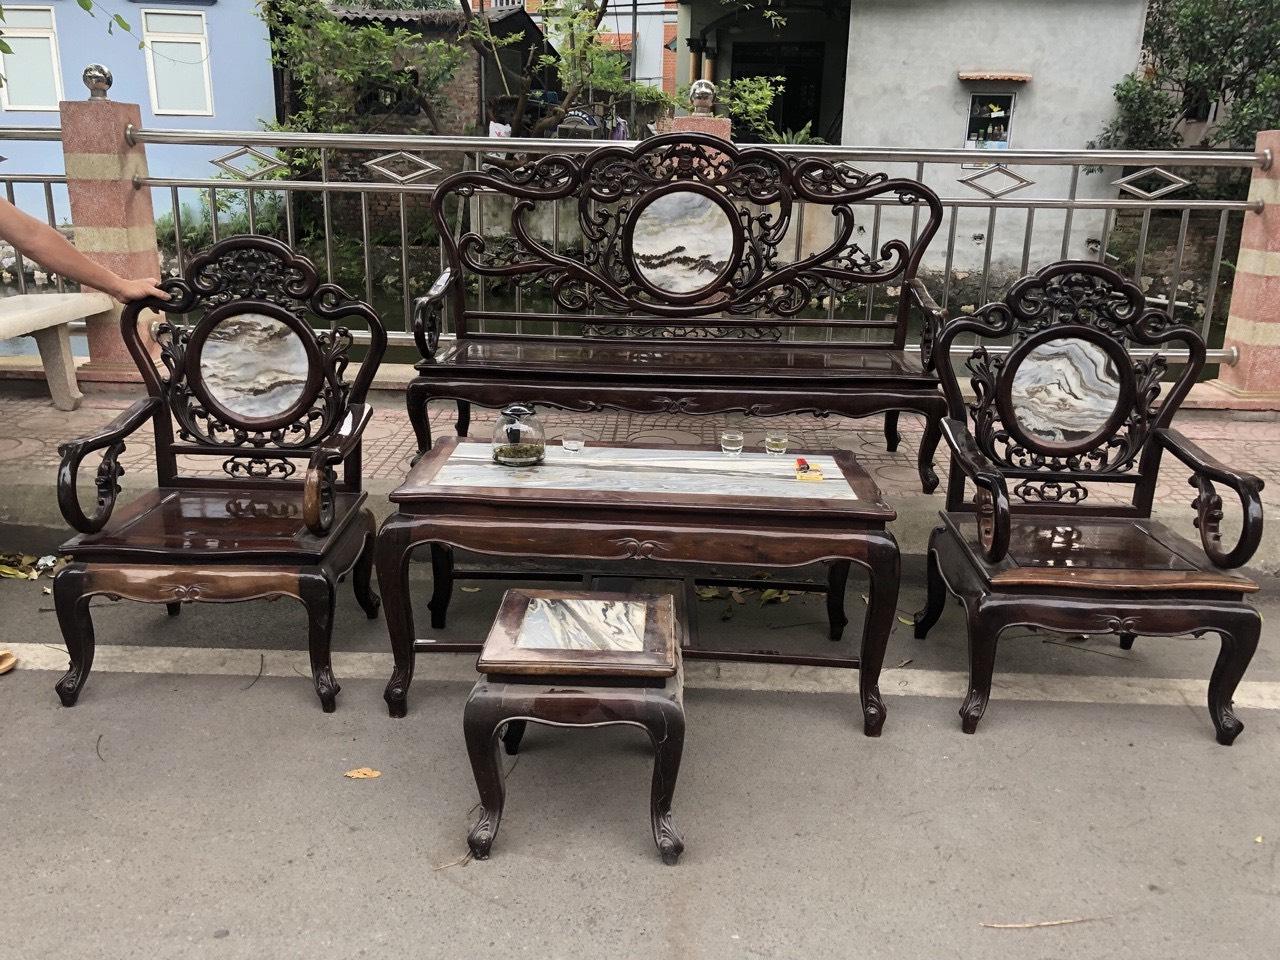 thanh lý đồ gia đình cũ giá cao - bàn ghế cũ